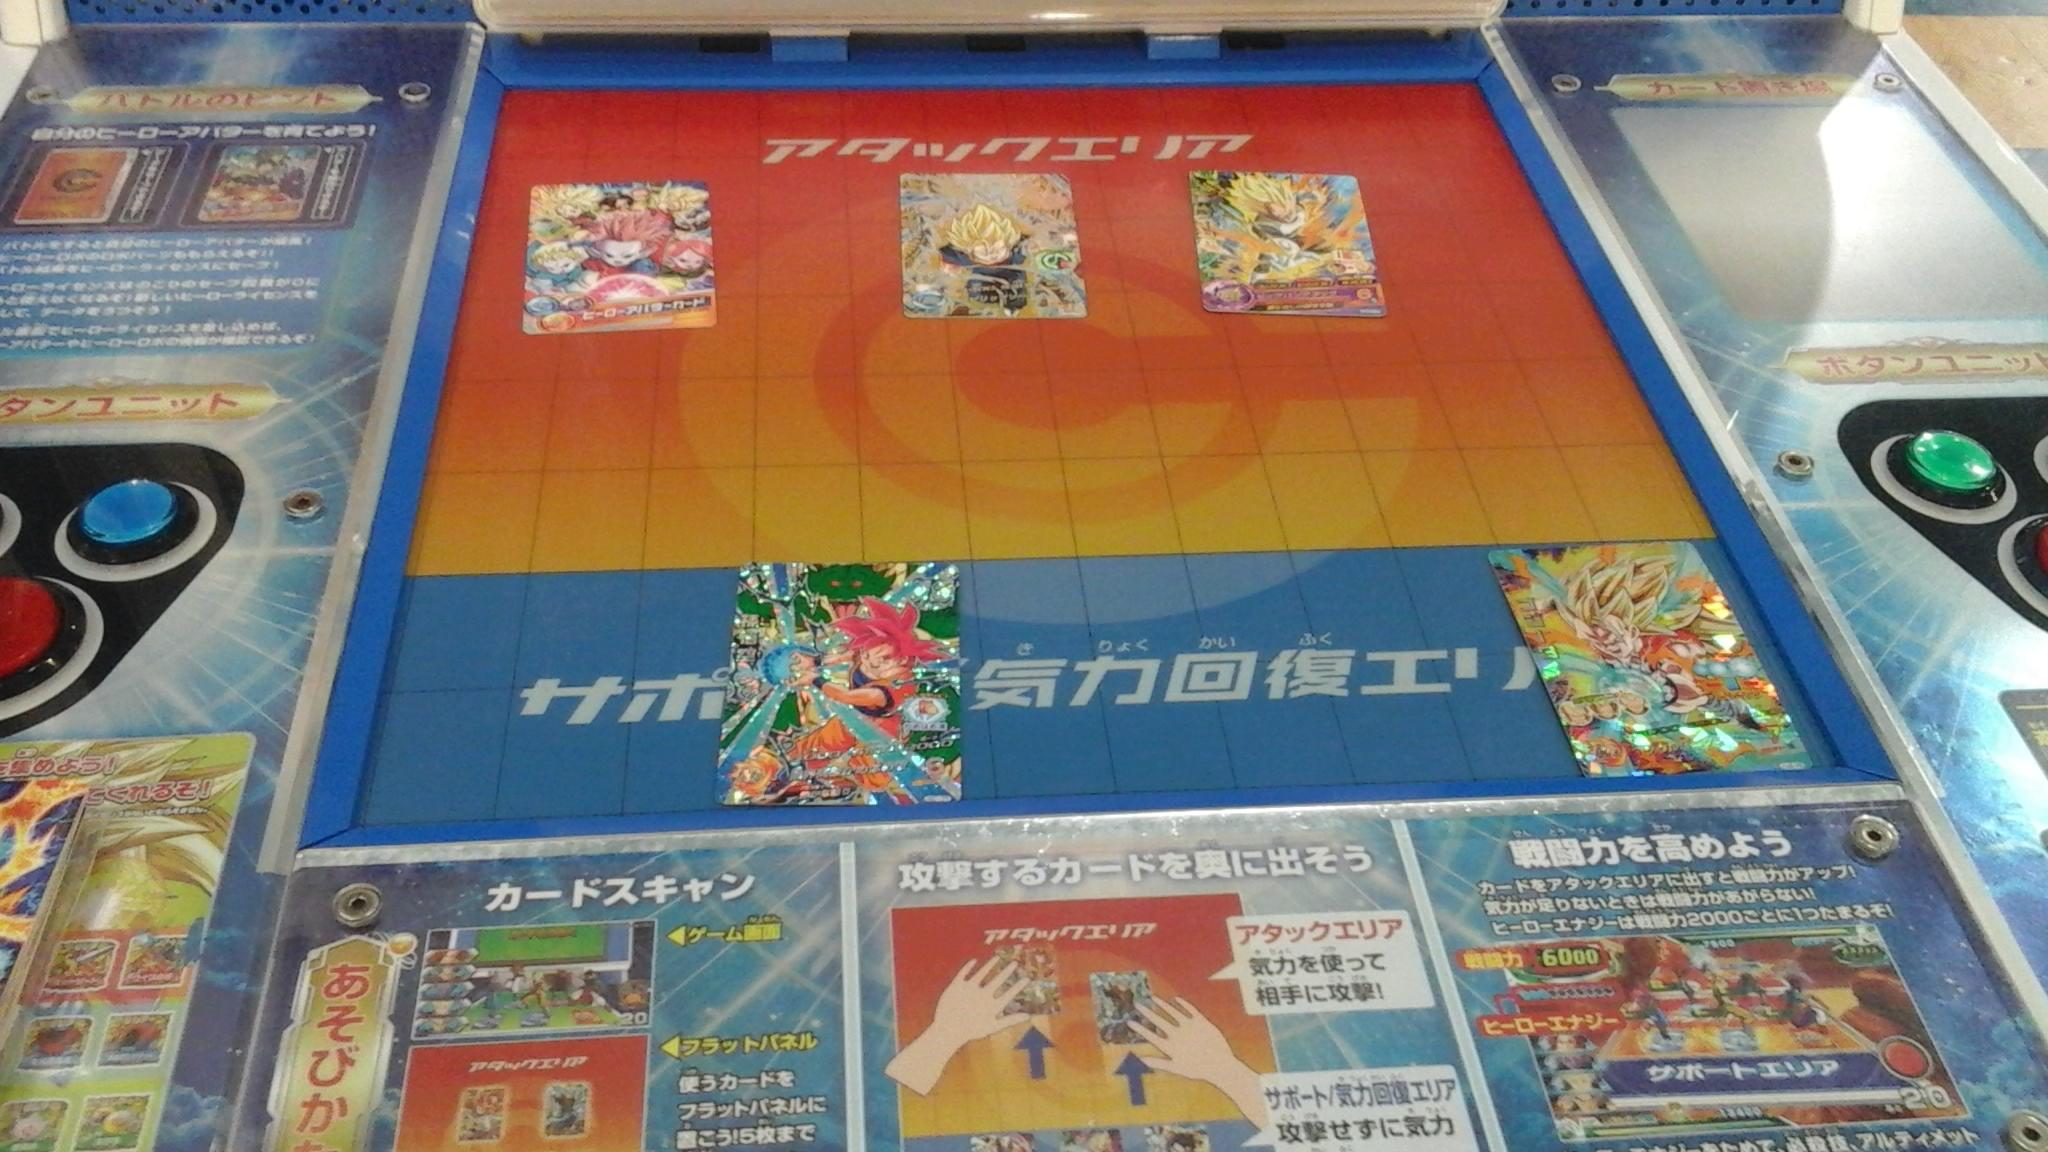 Super Dragon Ball Heroes: Élménybeszámoló egy rajongótól, aki Japánban élt 18